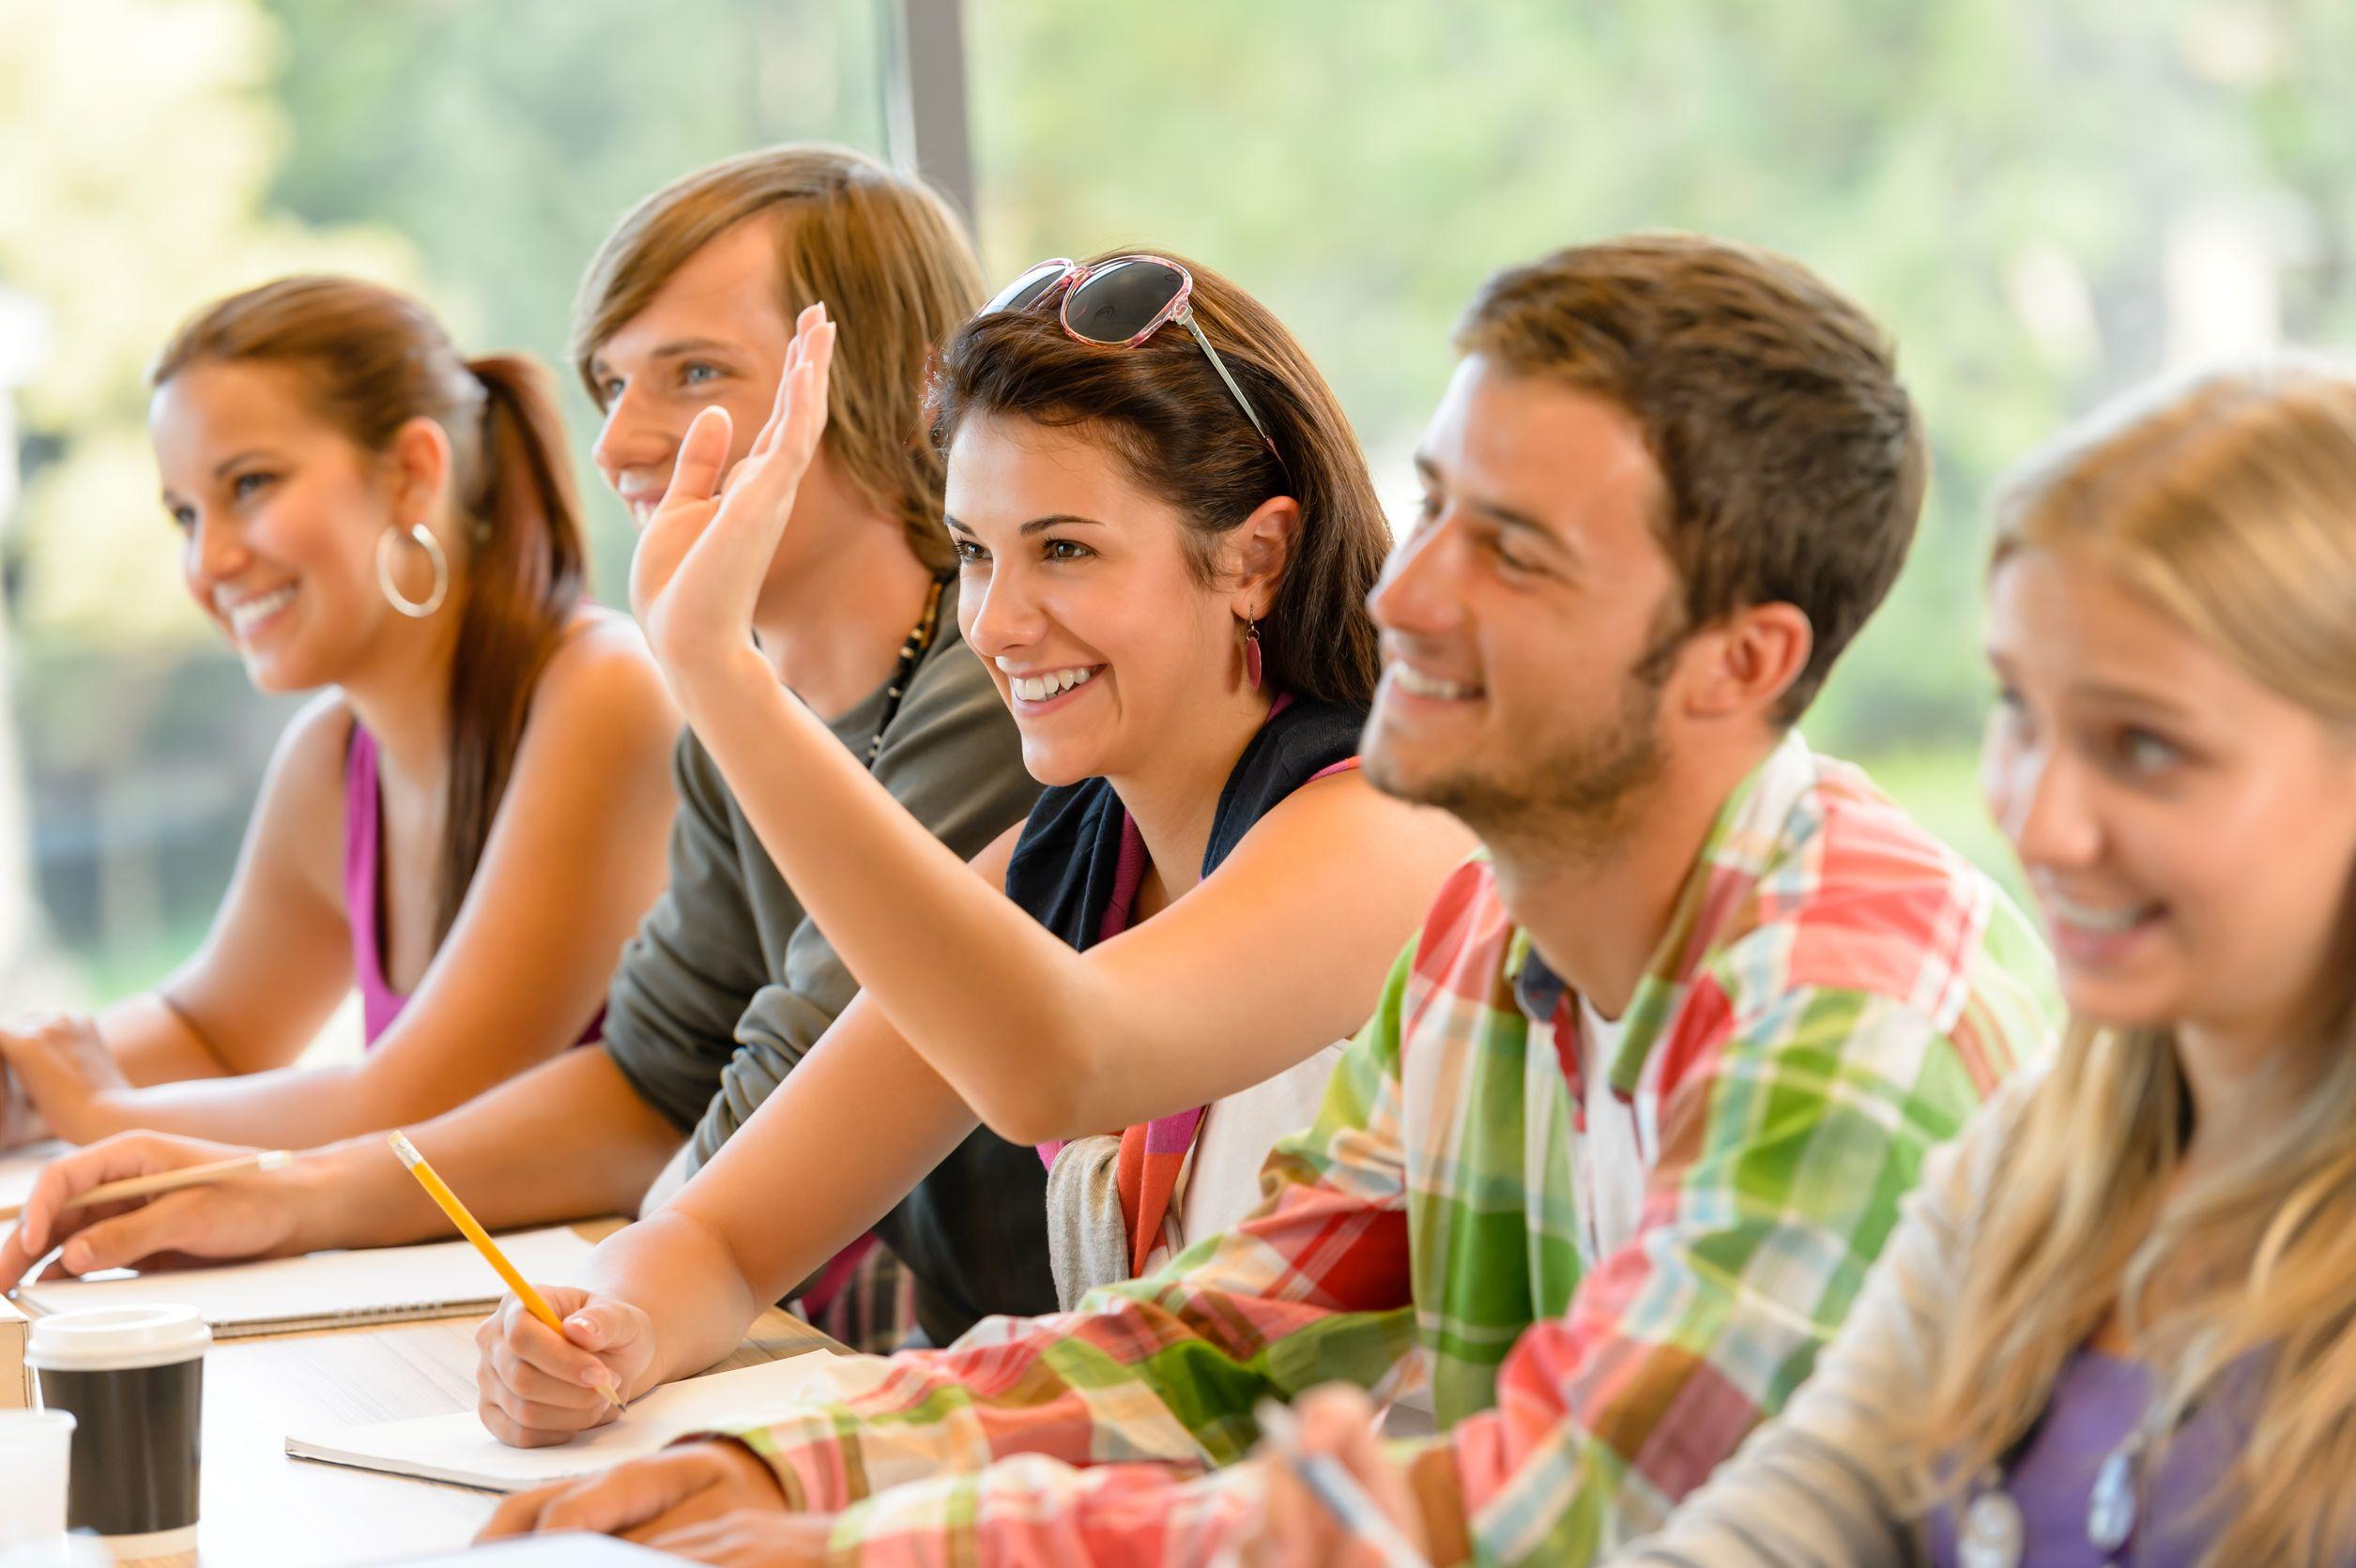 天道教育青岛分公司小编介绍:加拿大文科留学|四大类型&6个热门专业